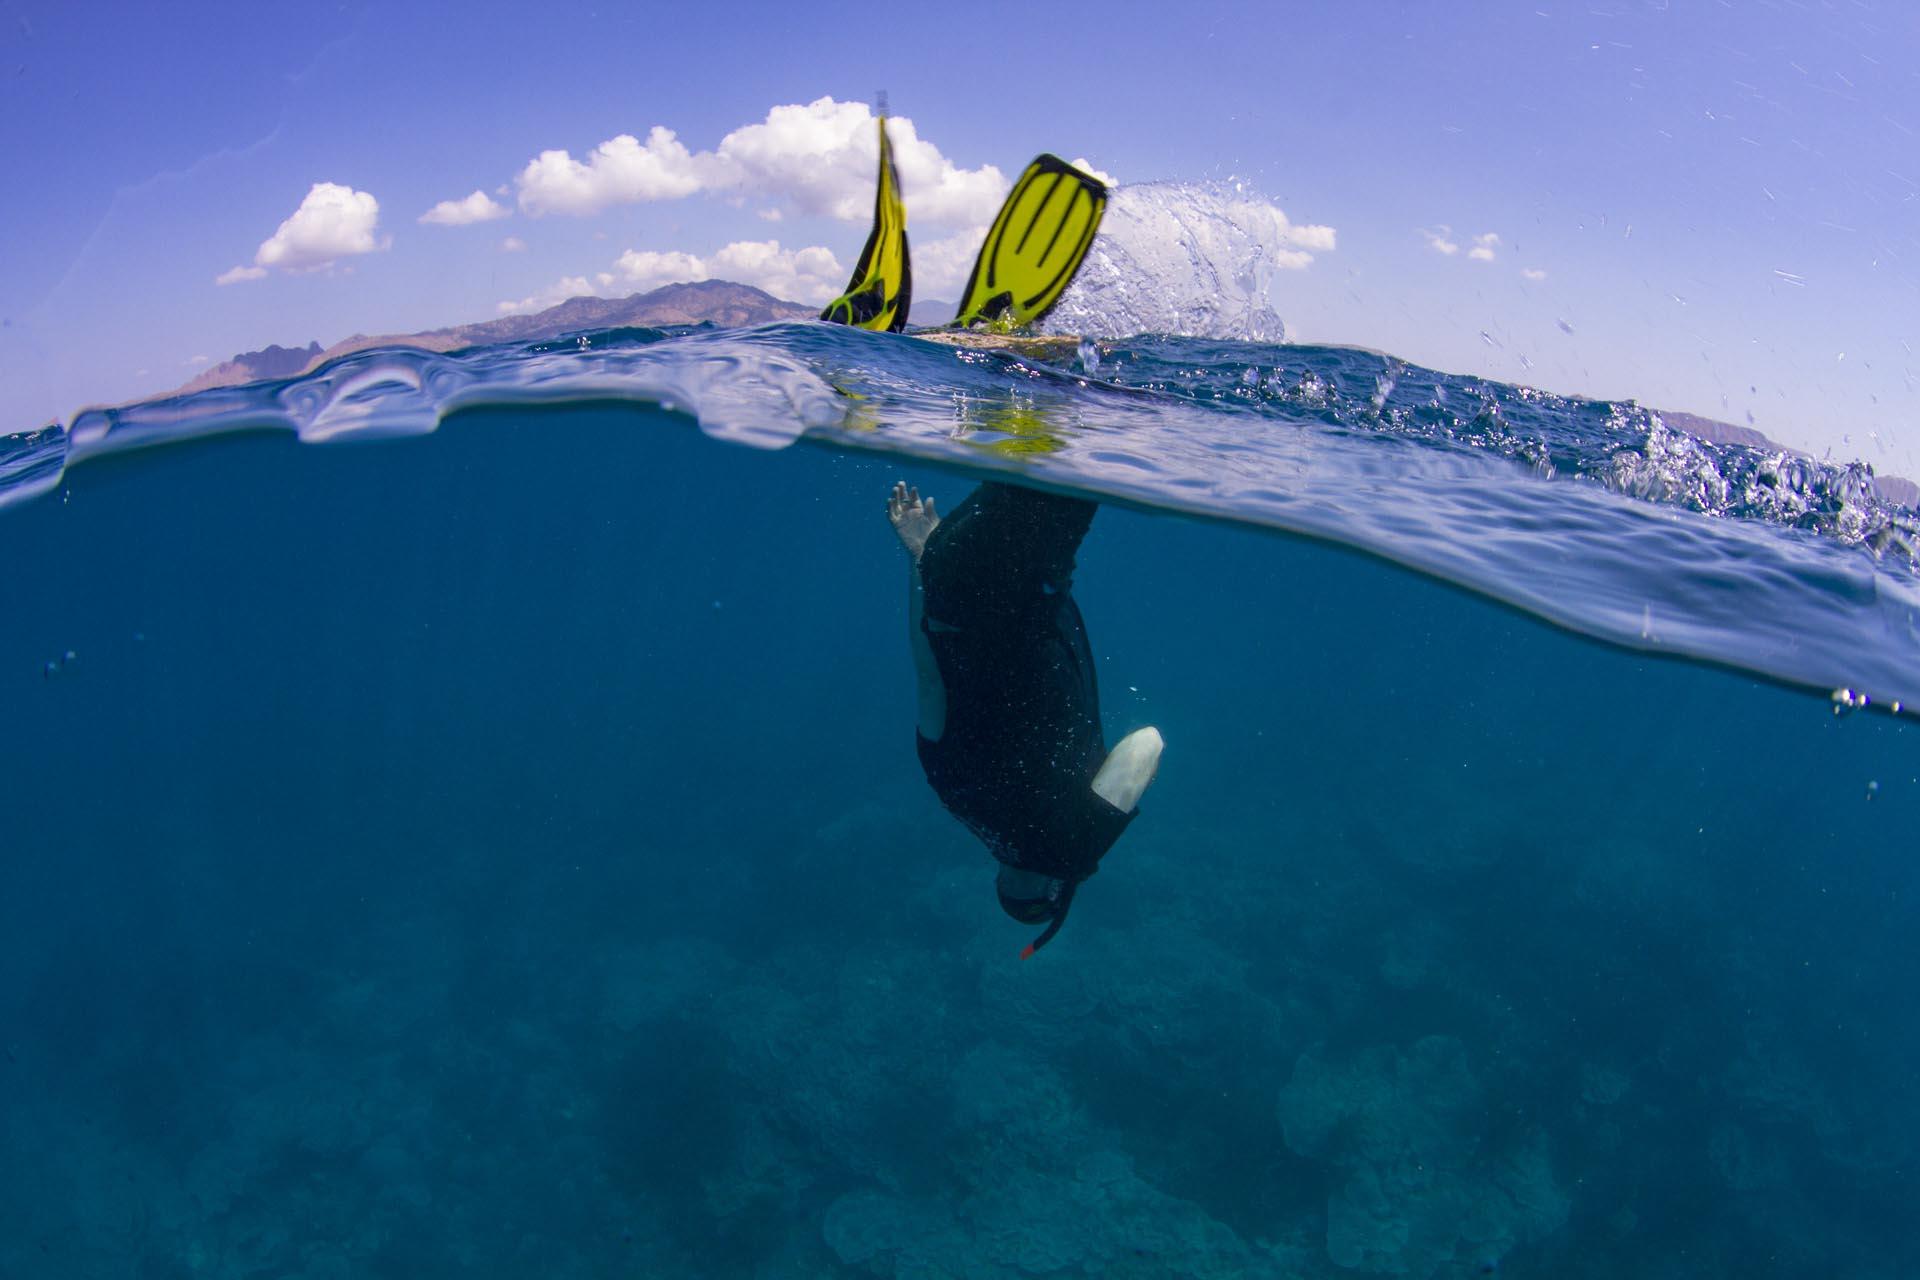 Snorkeler duck diving